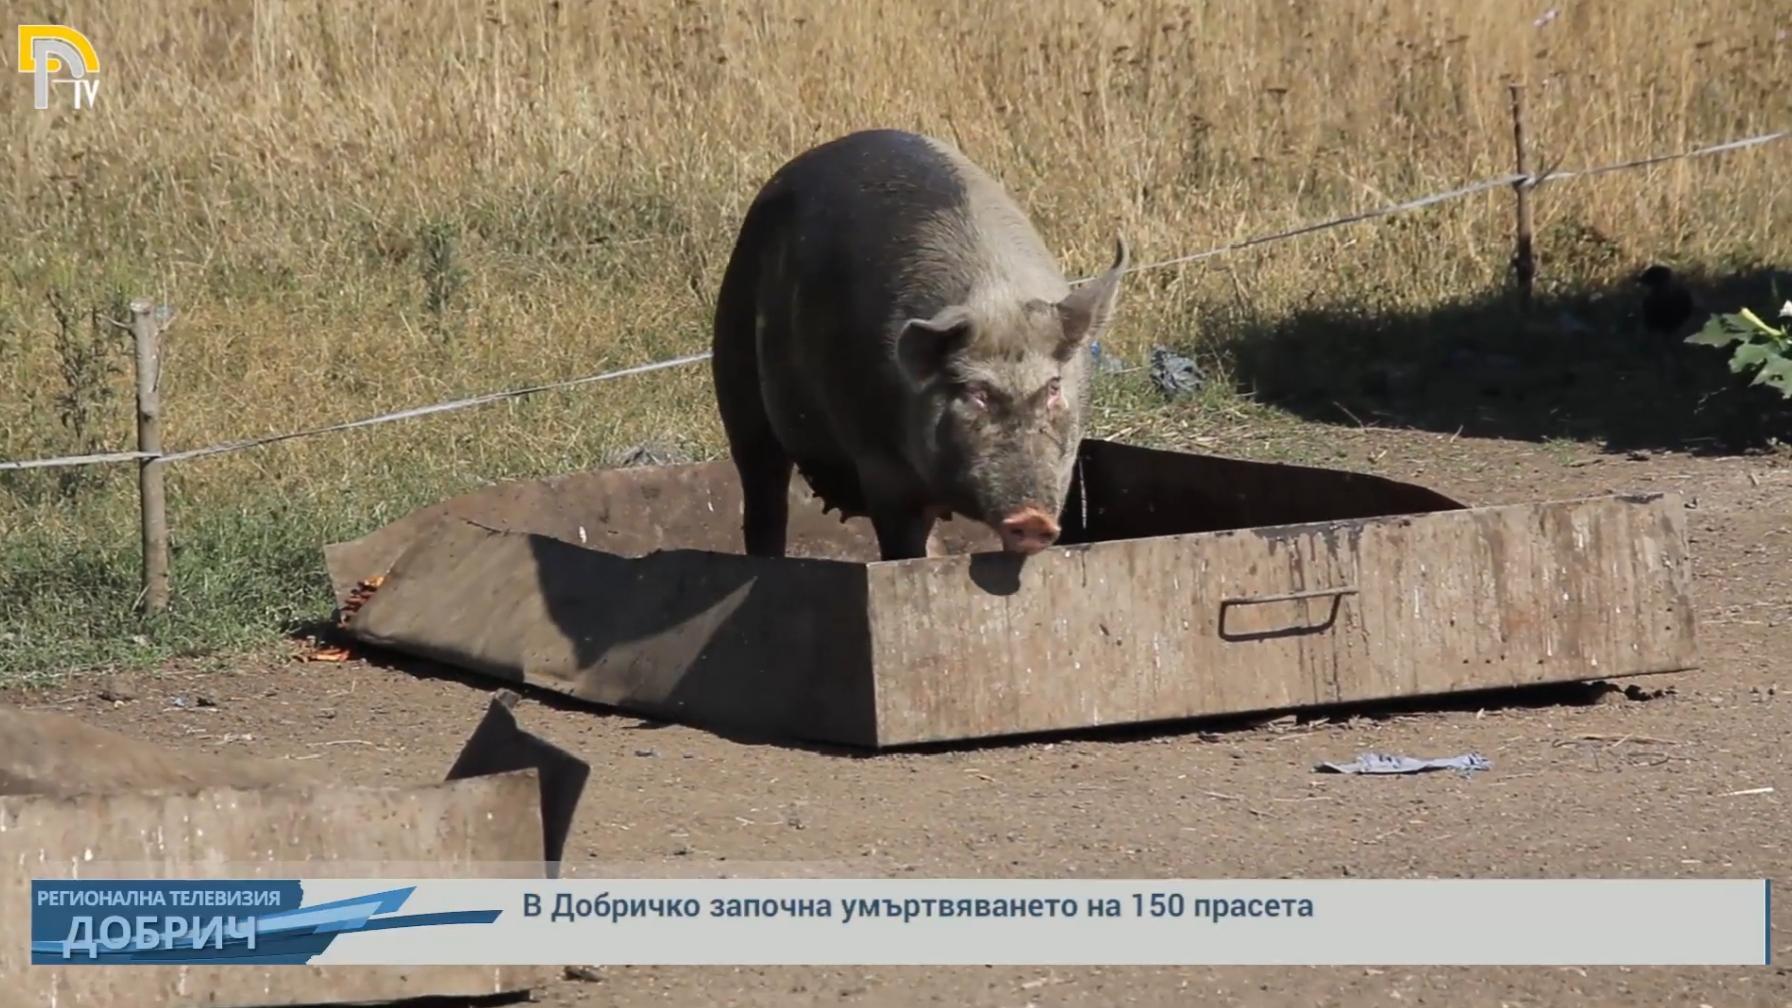 В Добричко започна умъртвяването на 150 прасета